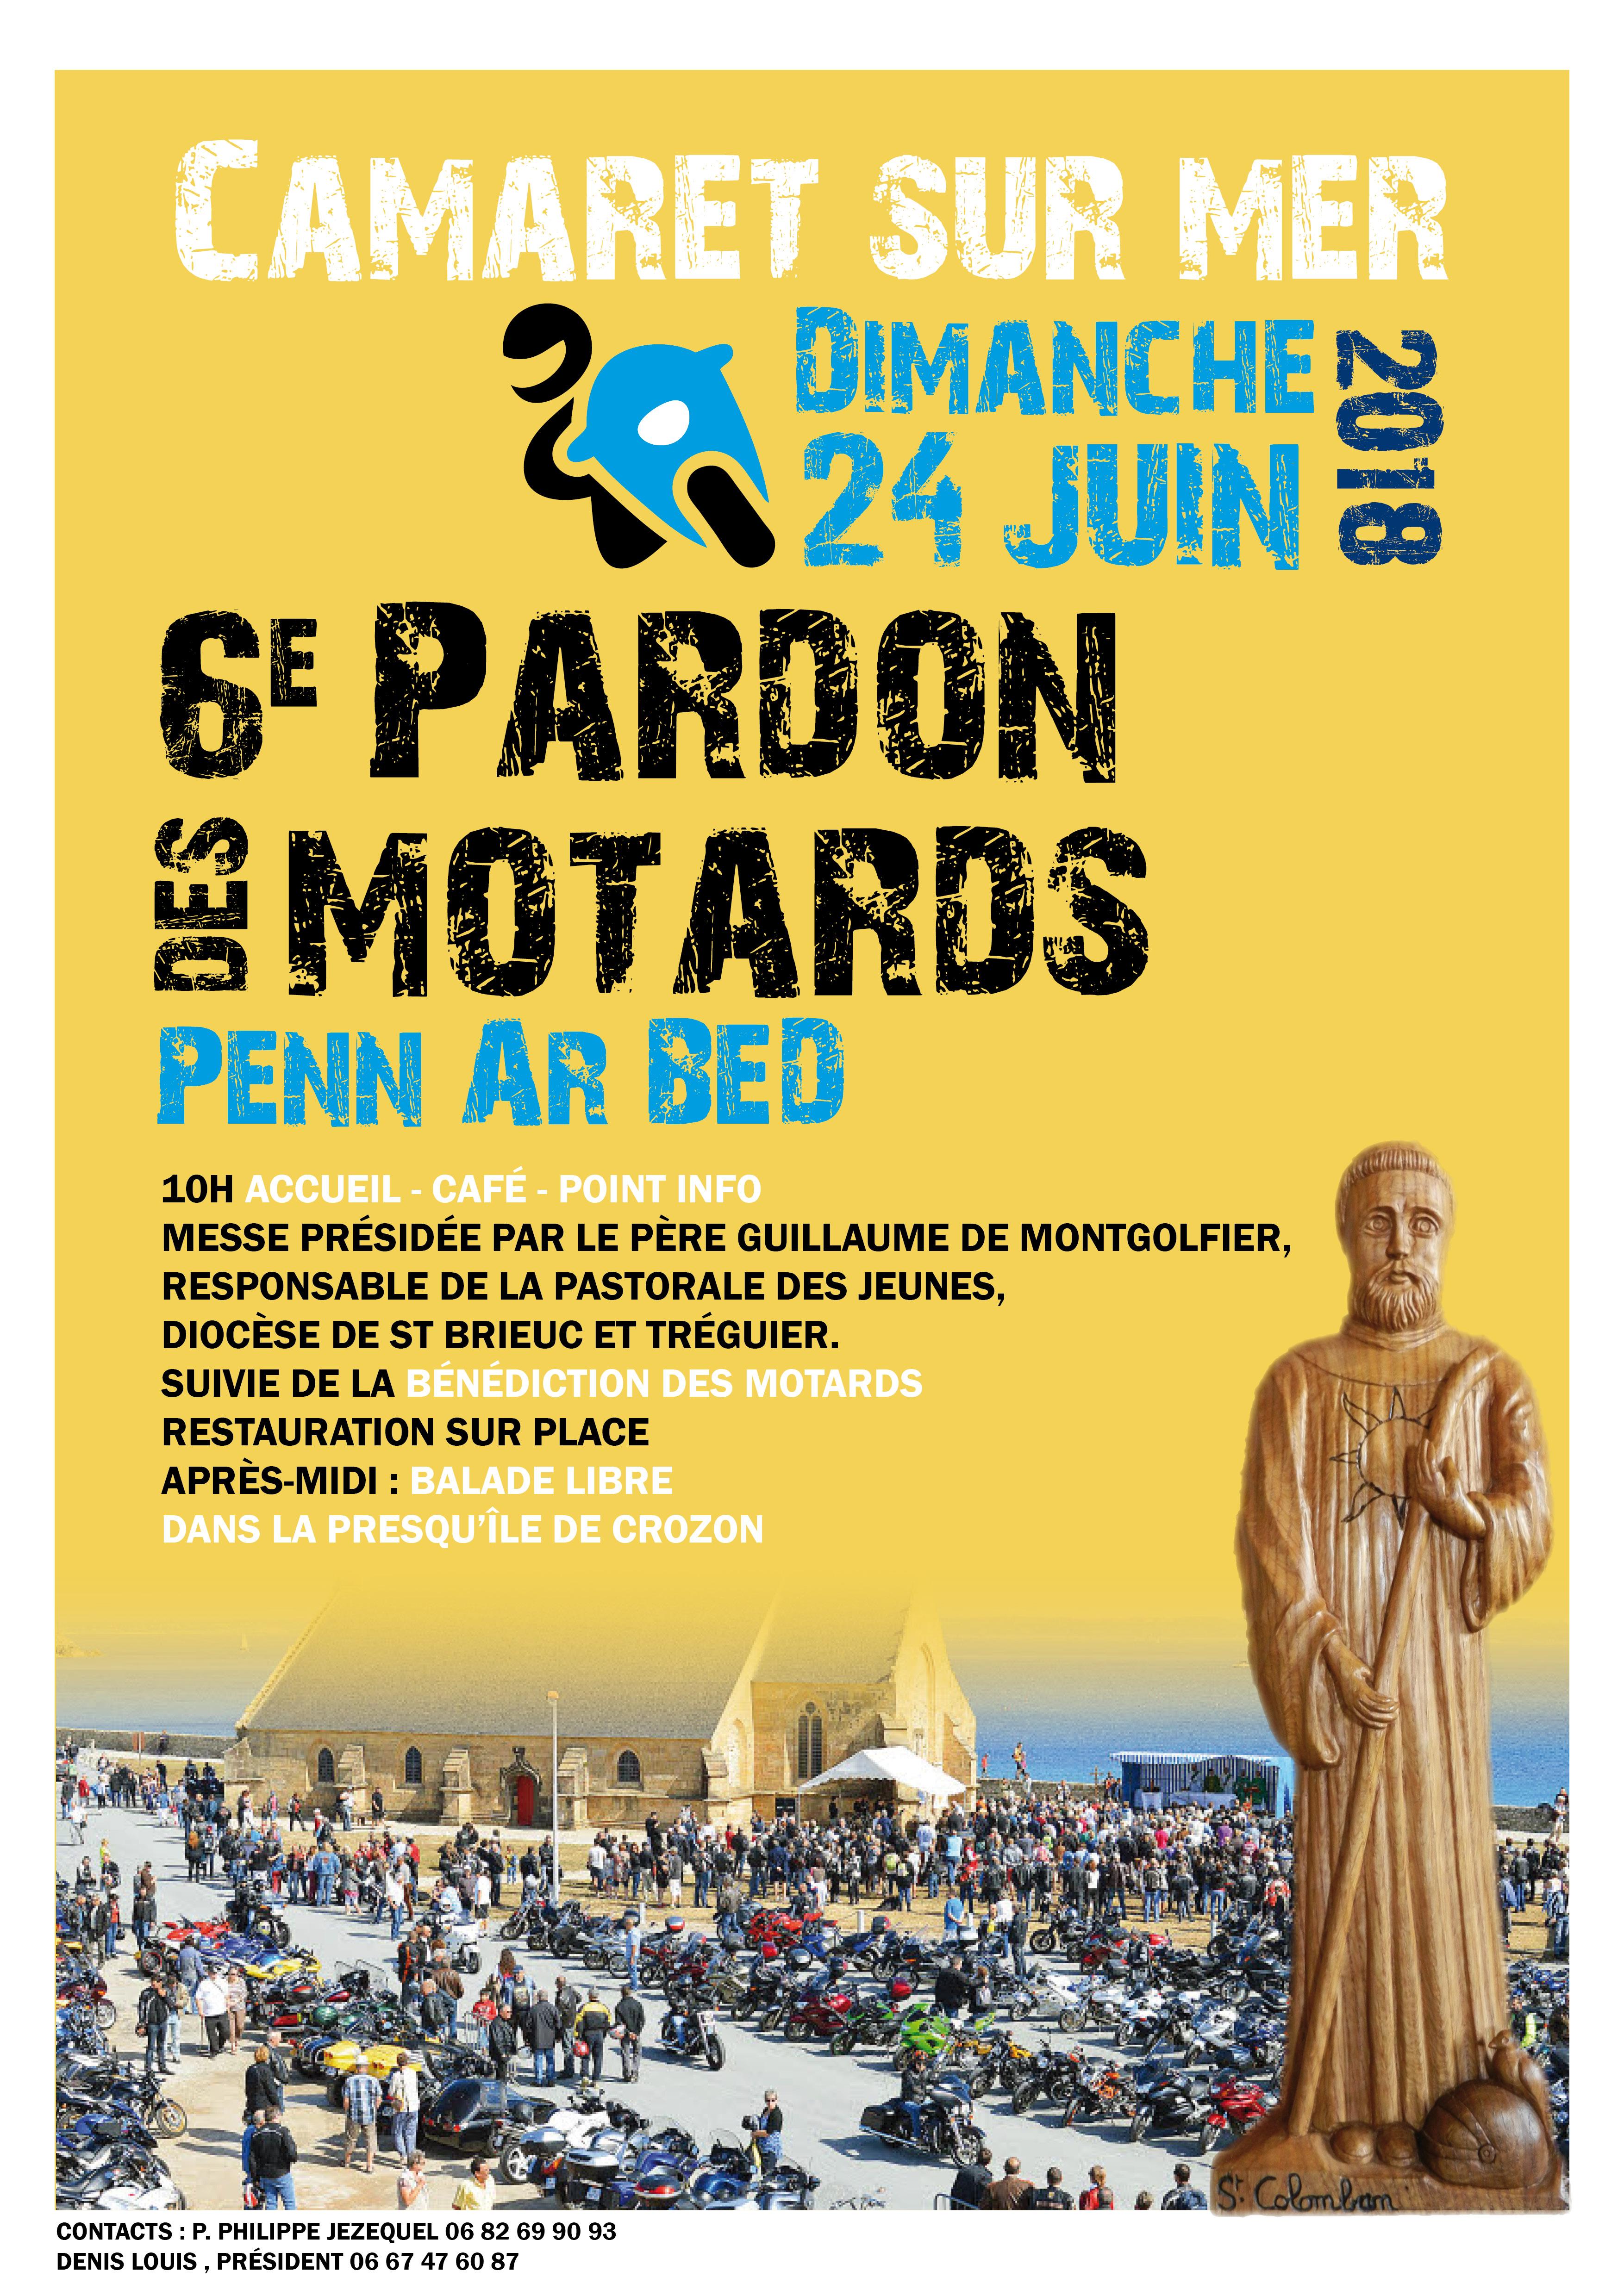 Pardon des Motards Penn ar Bed à Camaret-sur-mer (29) le 24 juin 2018